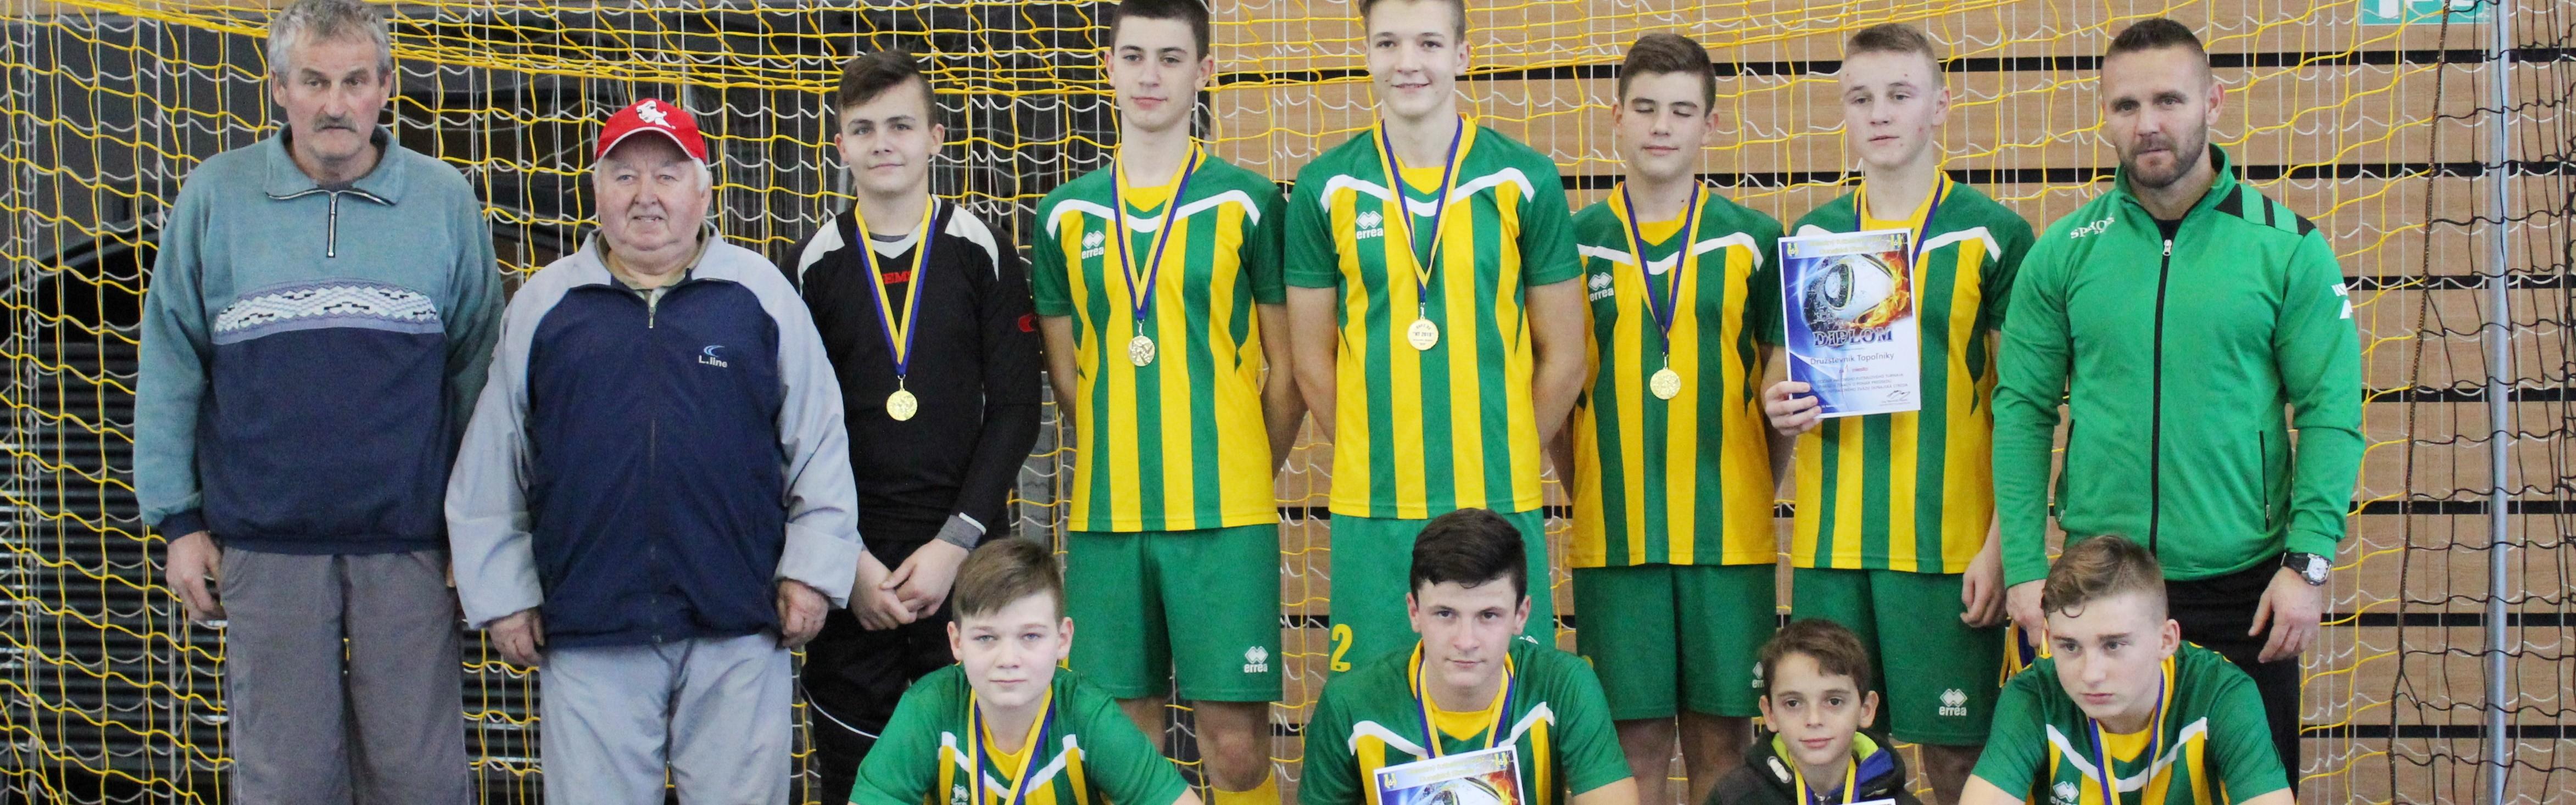 Družstevník Topoľníky suverénom na turnaji U15